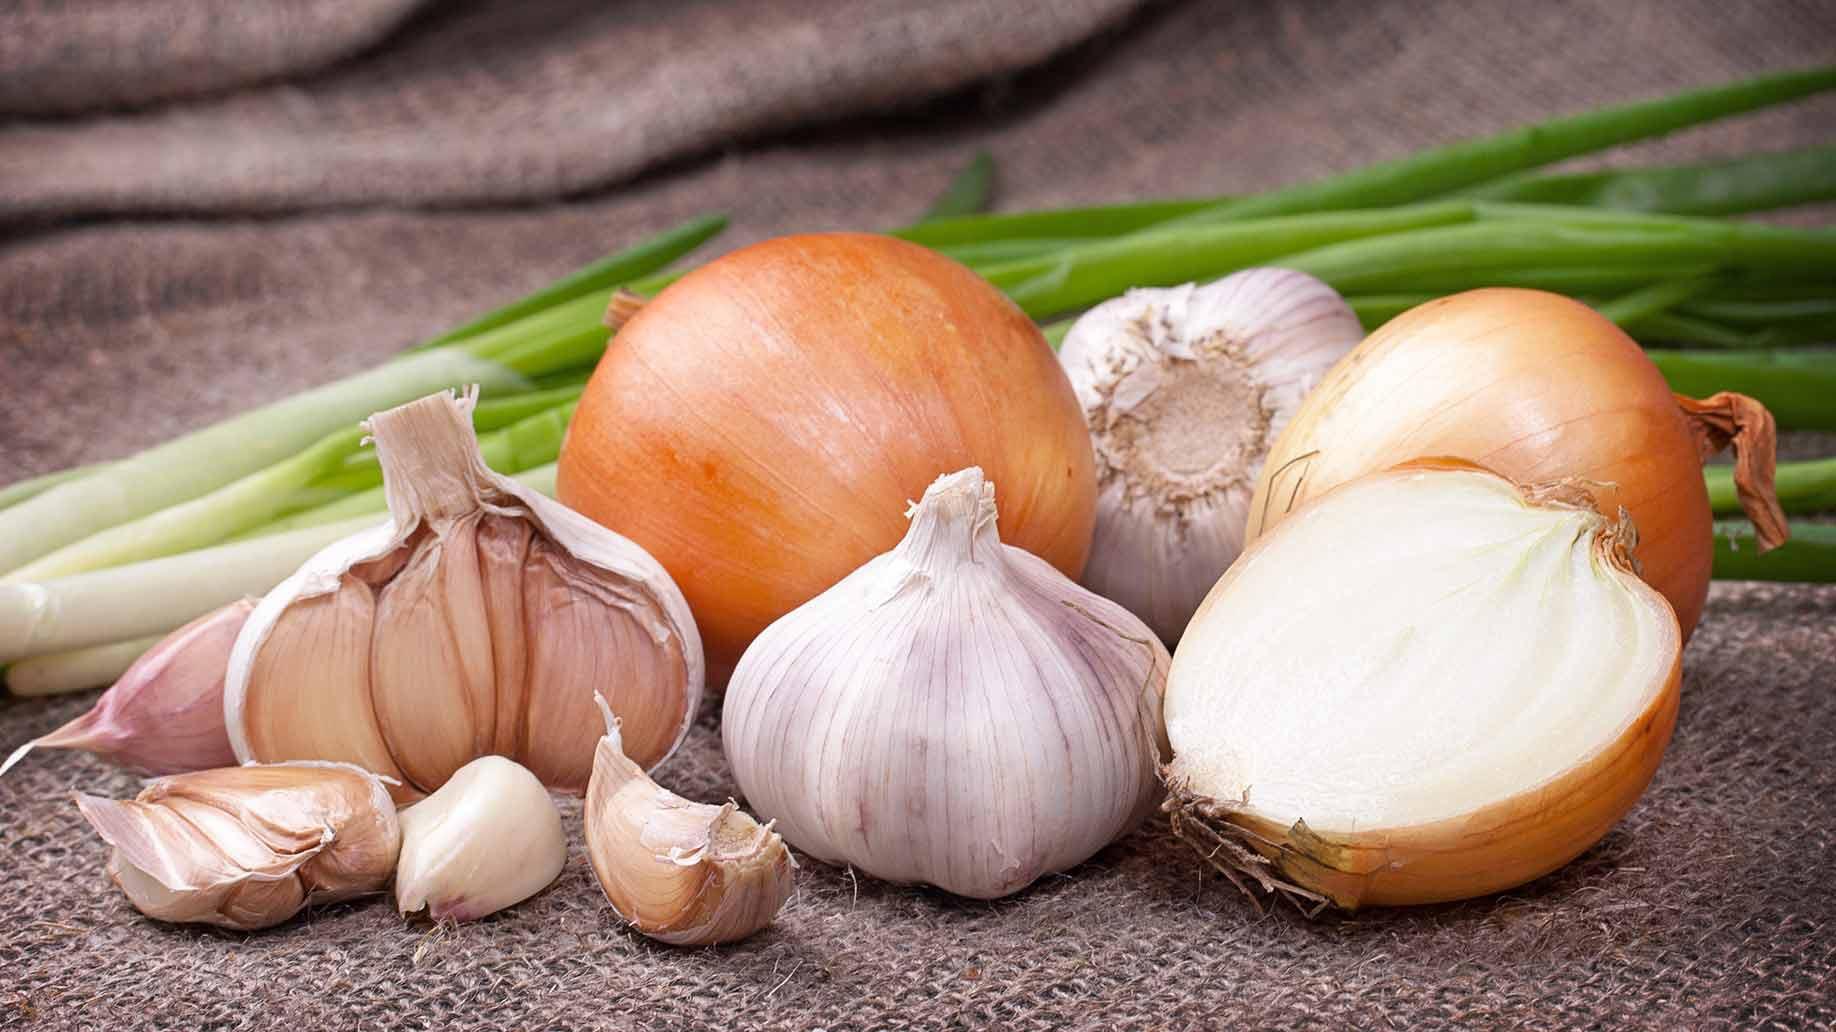 Muốn cơ thể không bốc mùi khó ngửi khi đi chơi Tết thì nên lưu ý hạn chế nạp các loại thực phẩm này - Ảnh 2.